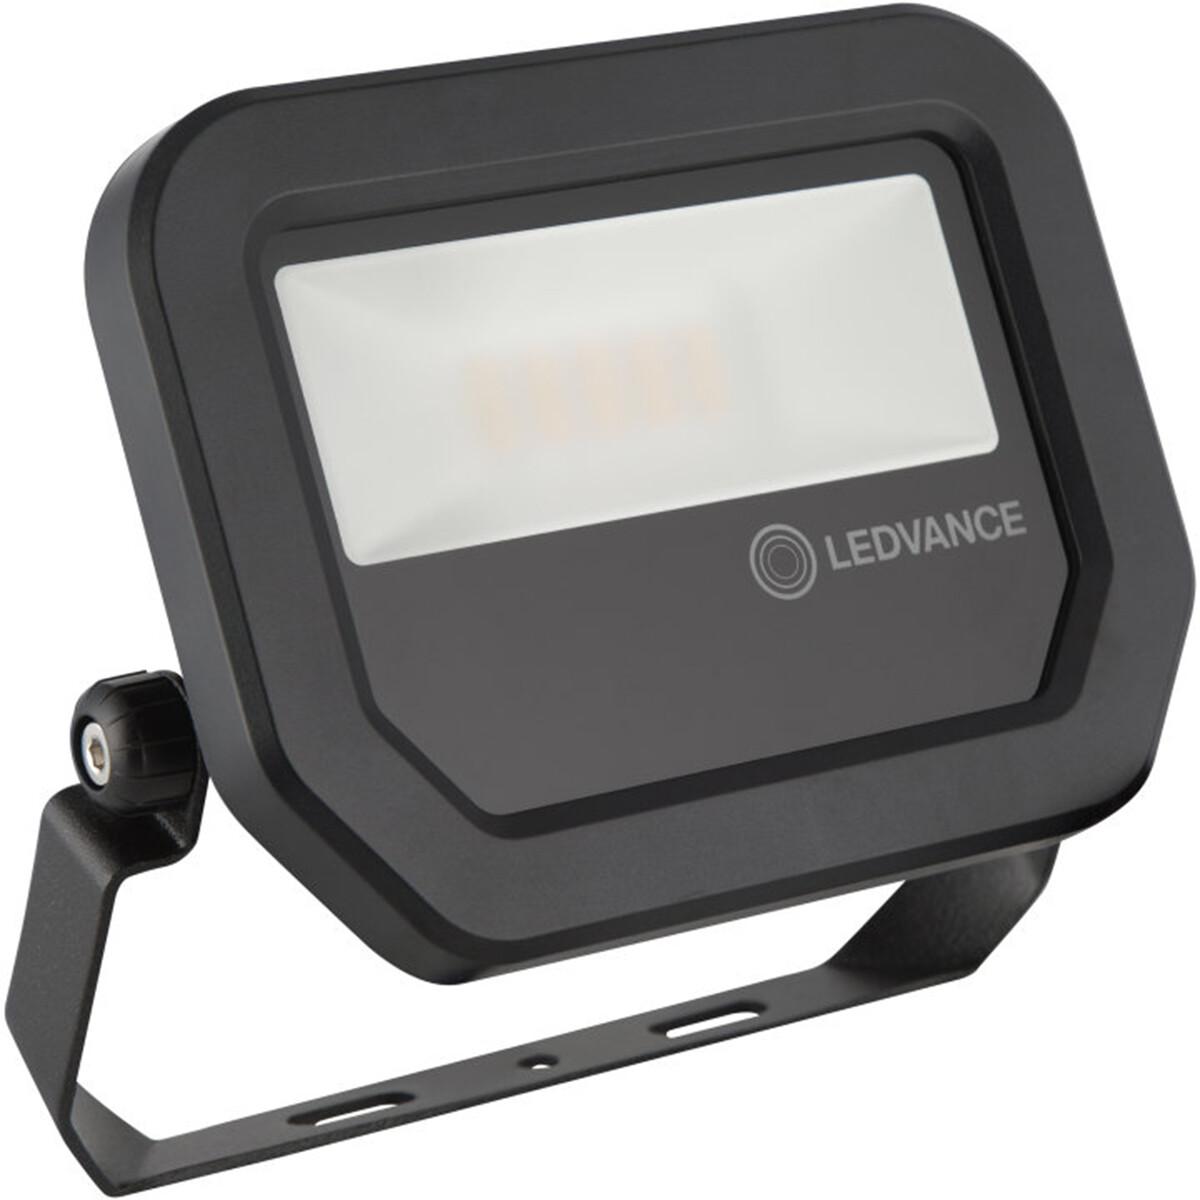 OSRAM - LEDVANCE - LED Breedstraler 10 Watt - LED Schijnwerper - FL PFM SYM 100 BK - Natuurlijk Wit